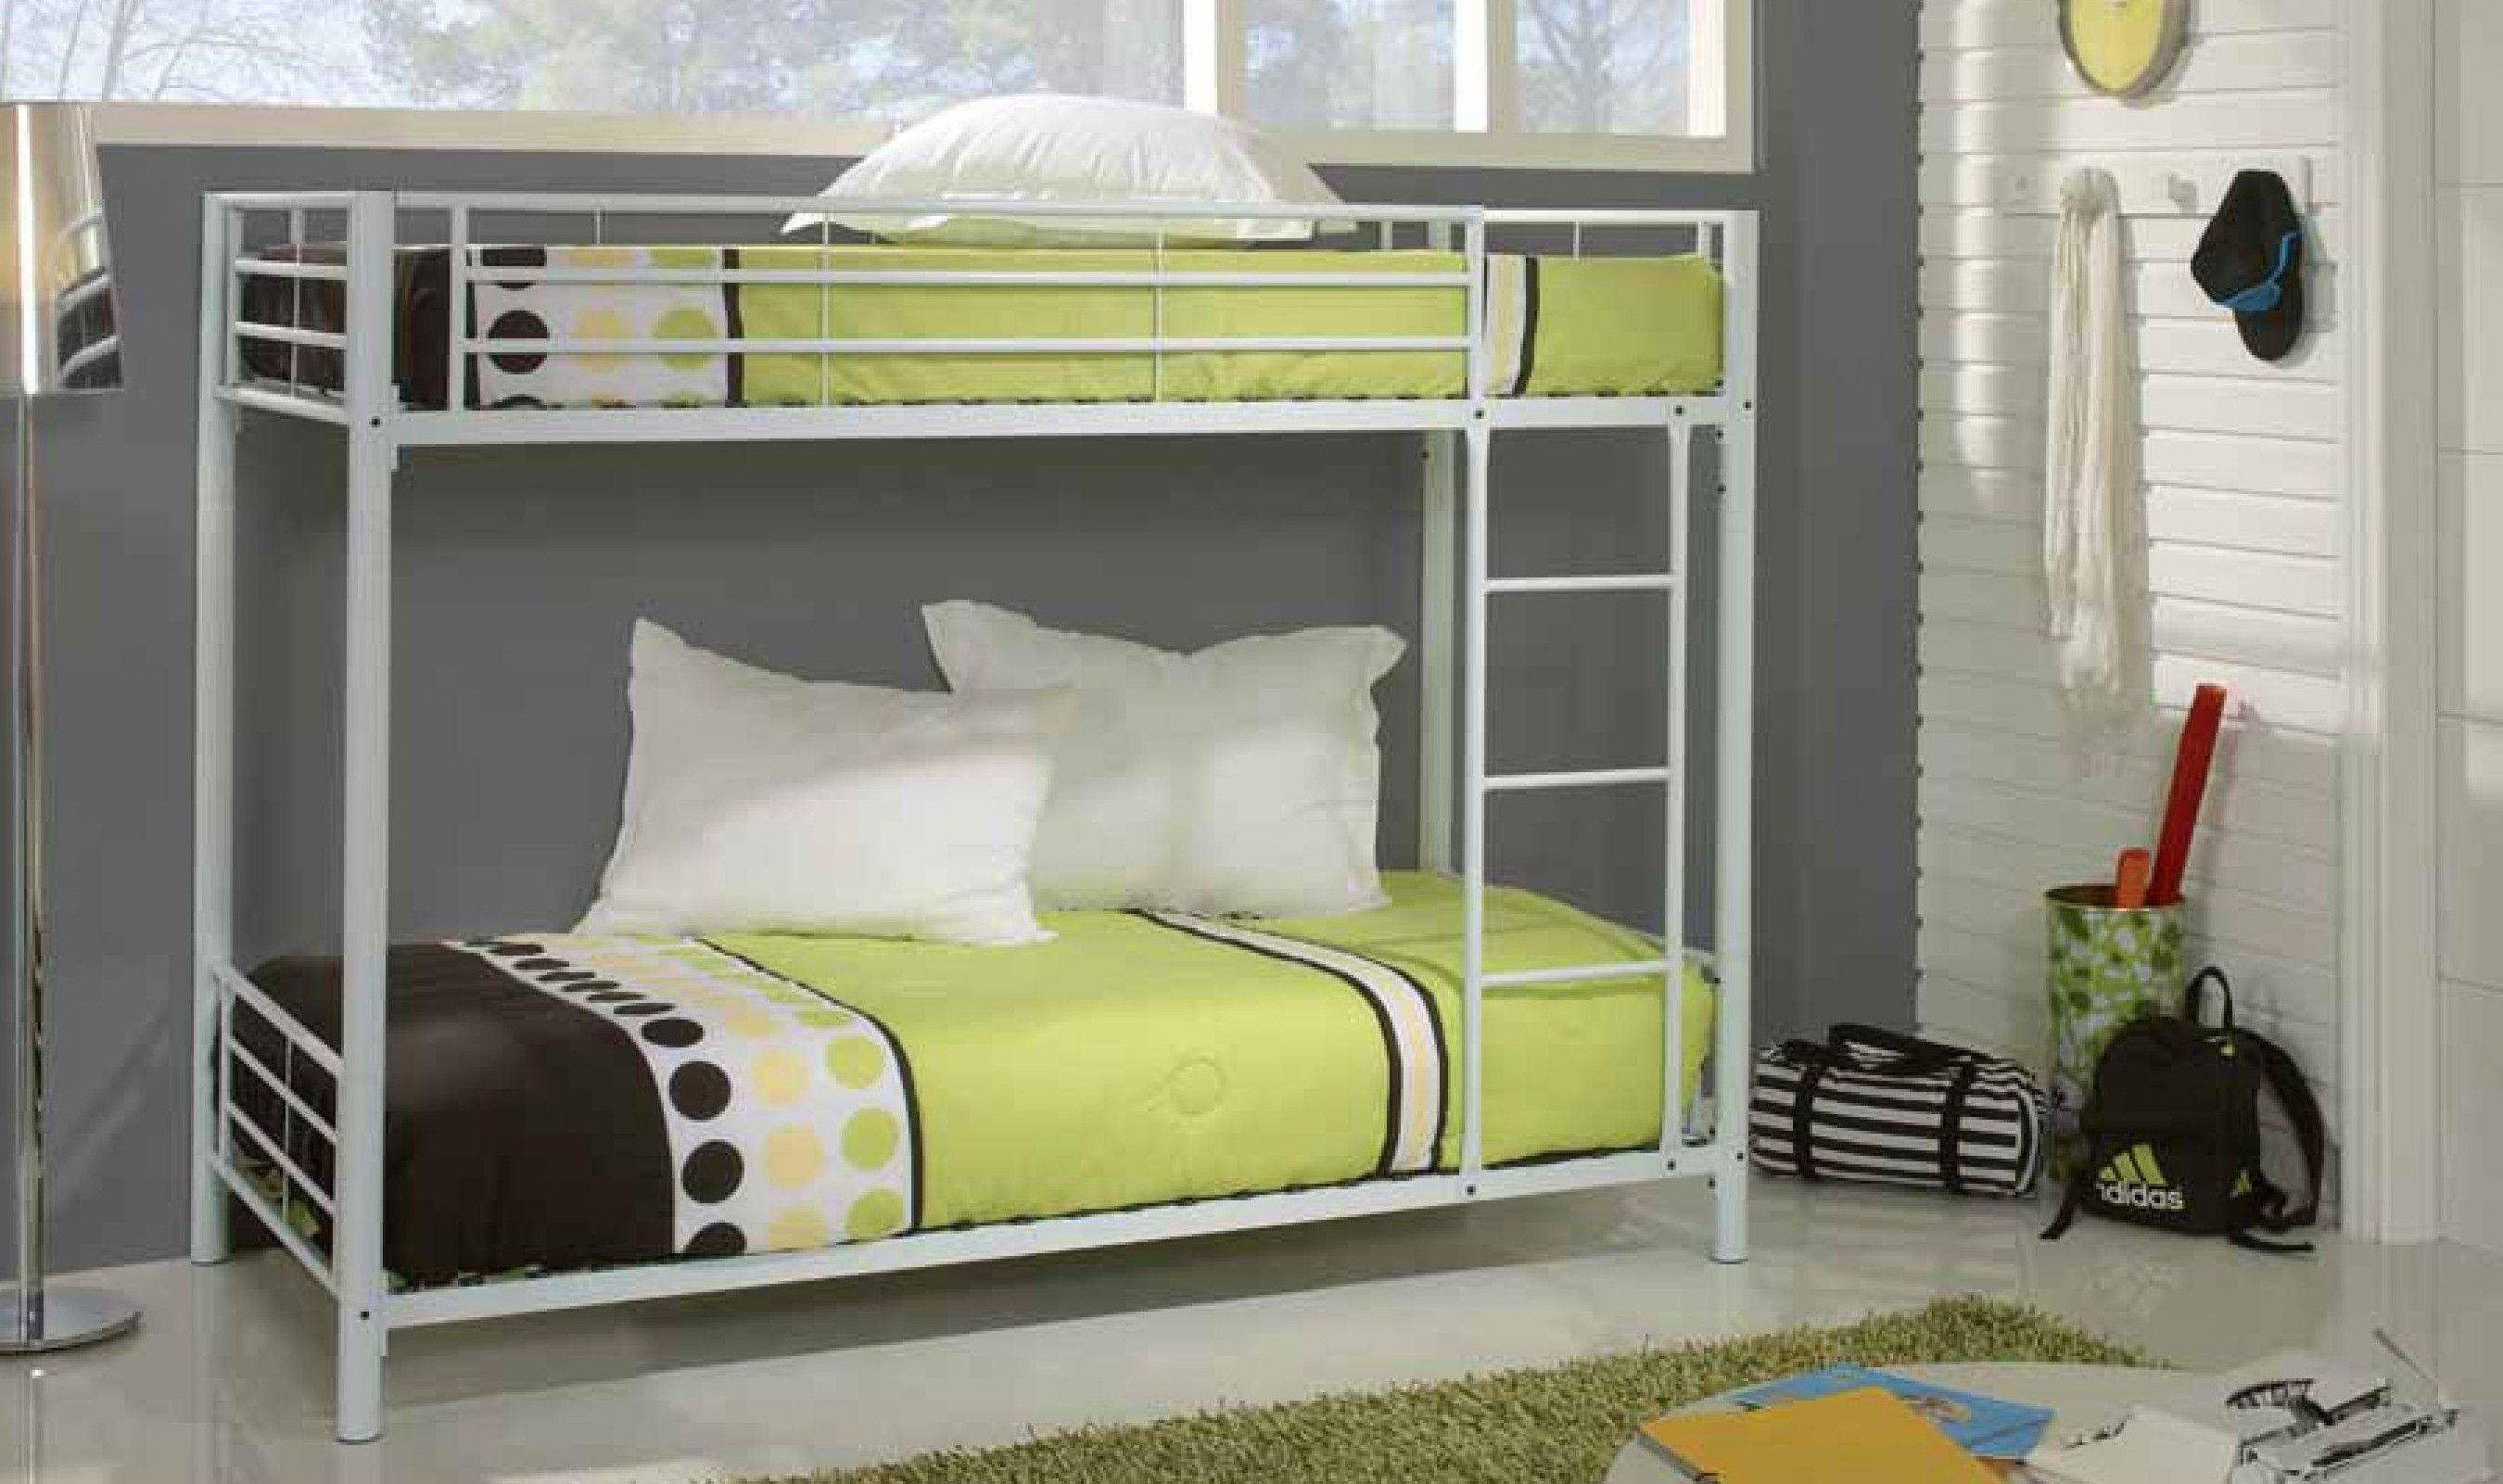 Cama Litera Metal Blanca | 床 | Pinterest | Cama litera, Litera y Camas